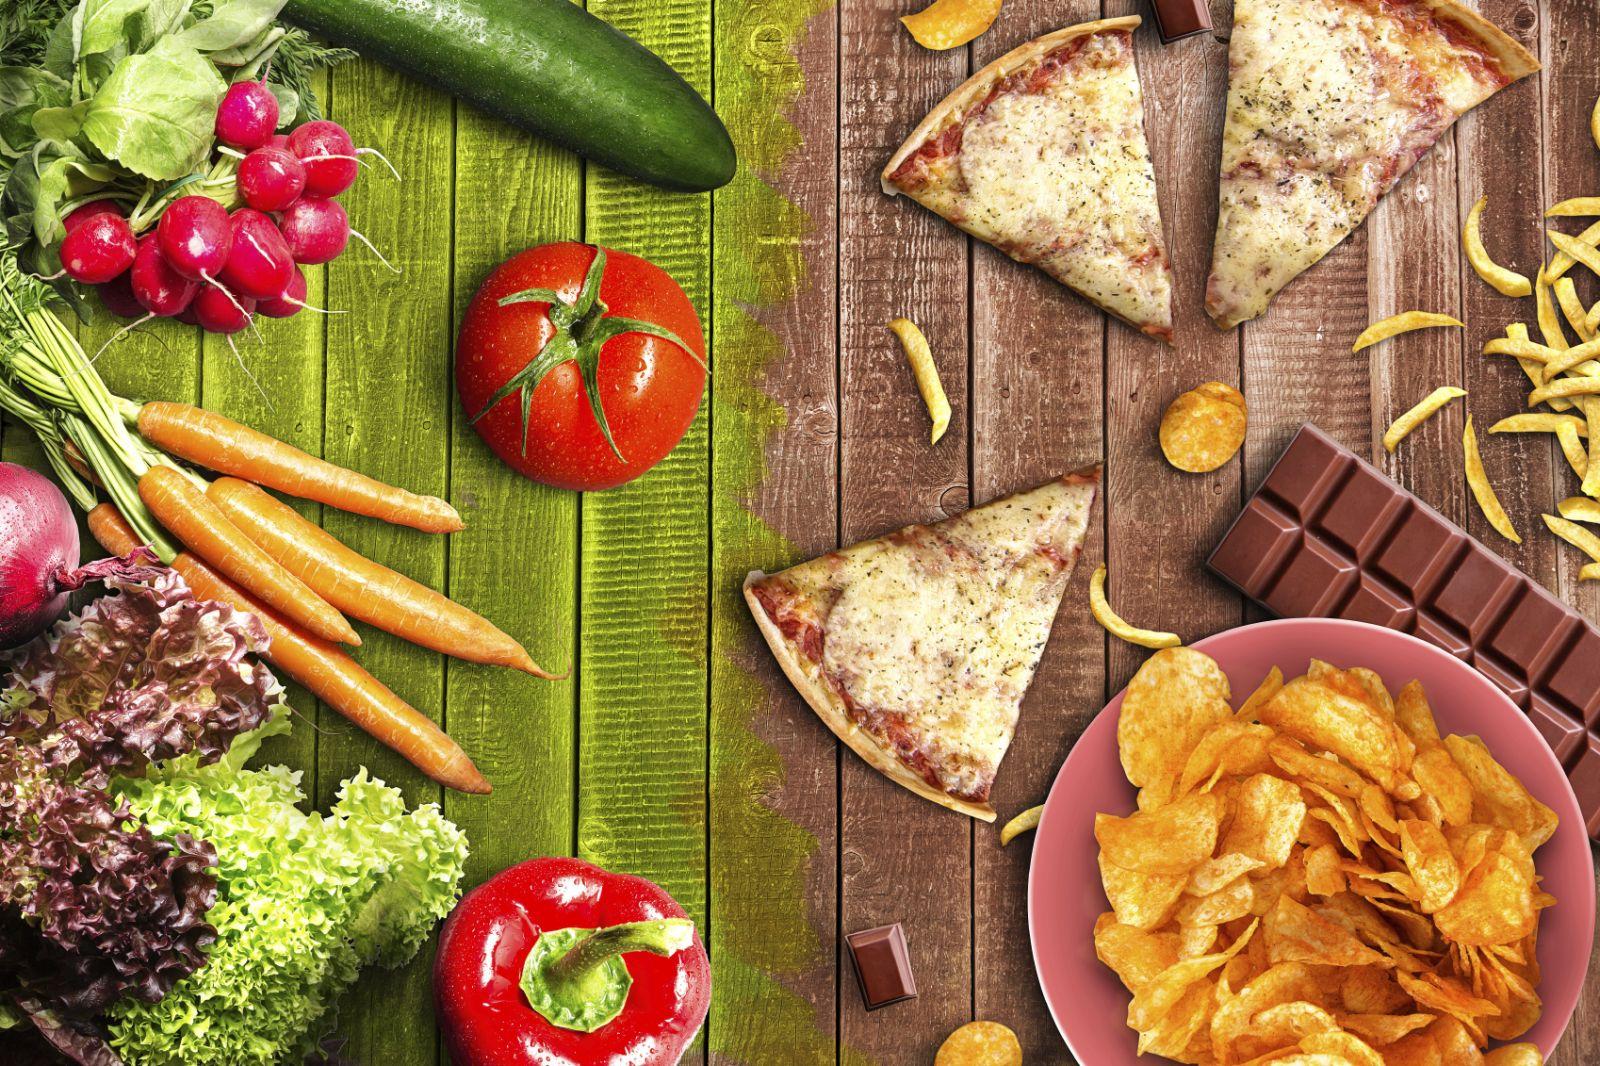 برای داشتن شکمی صاف و تخت هرگز لب به این مواد غذایی نزنید